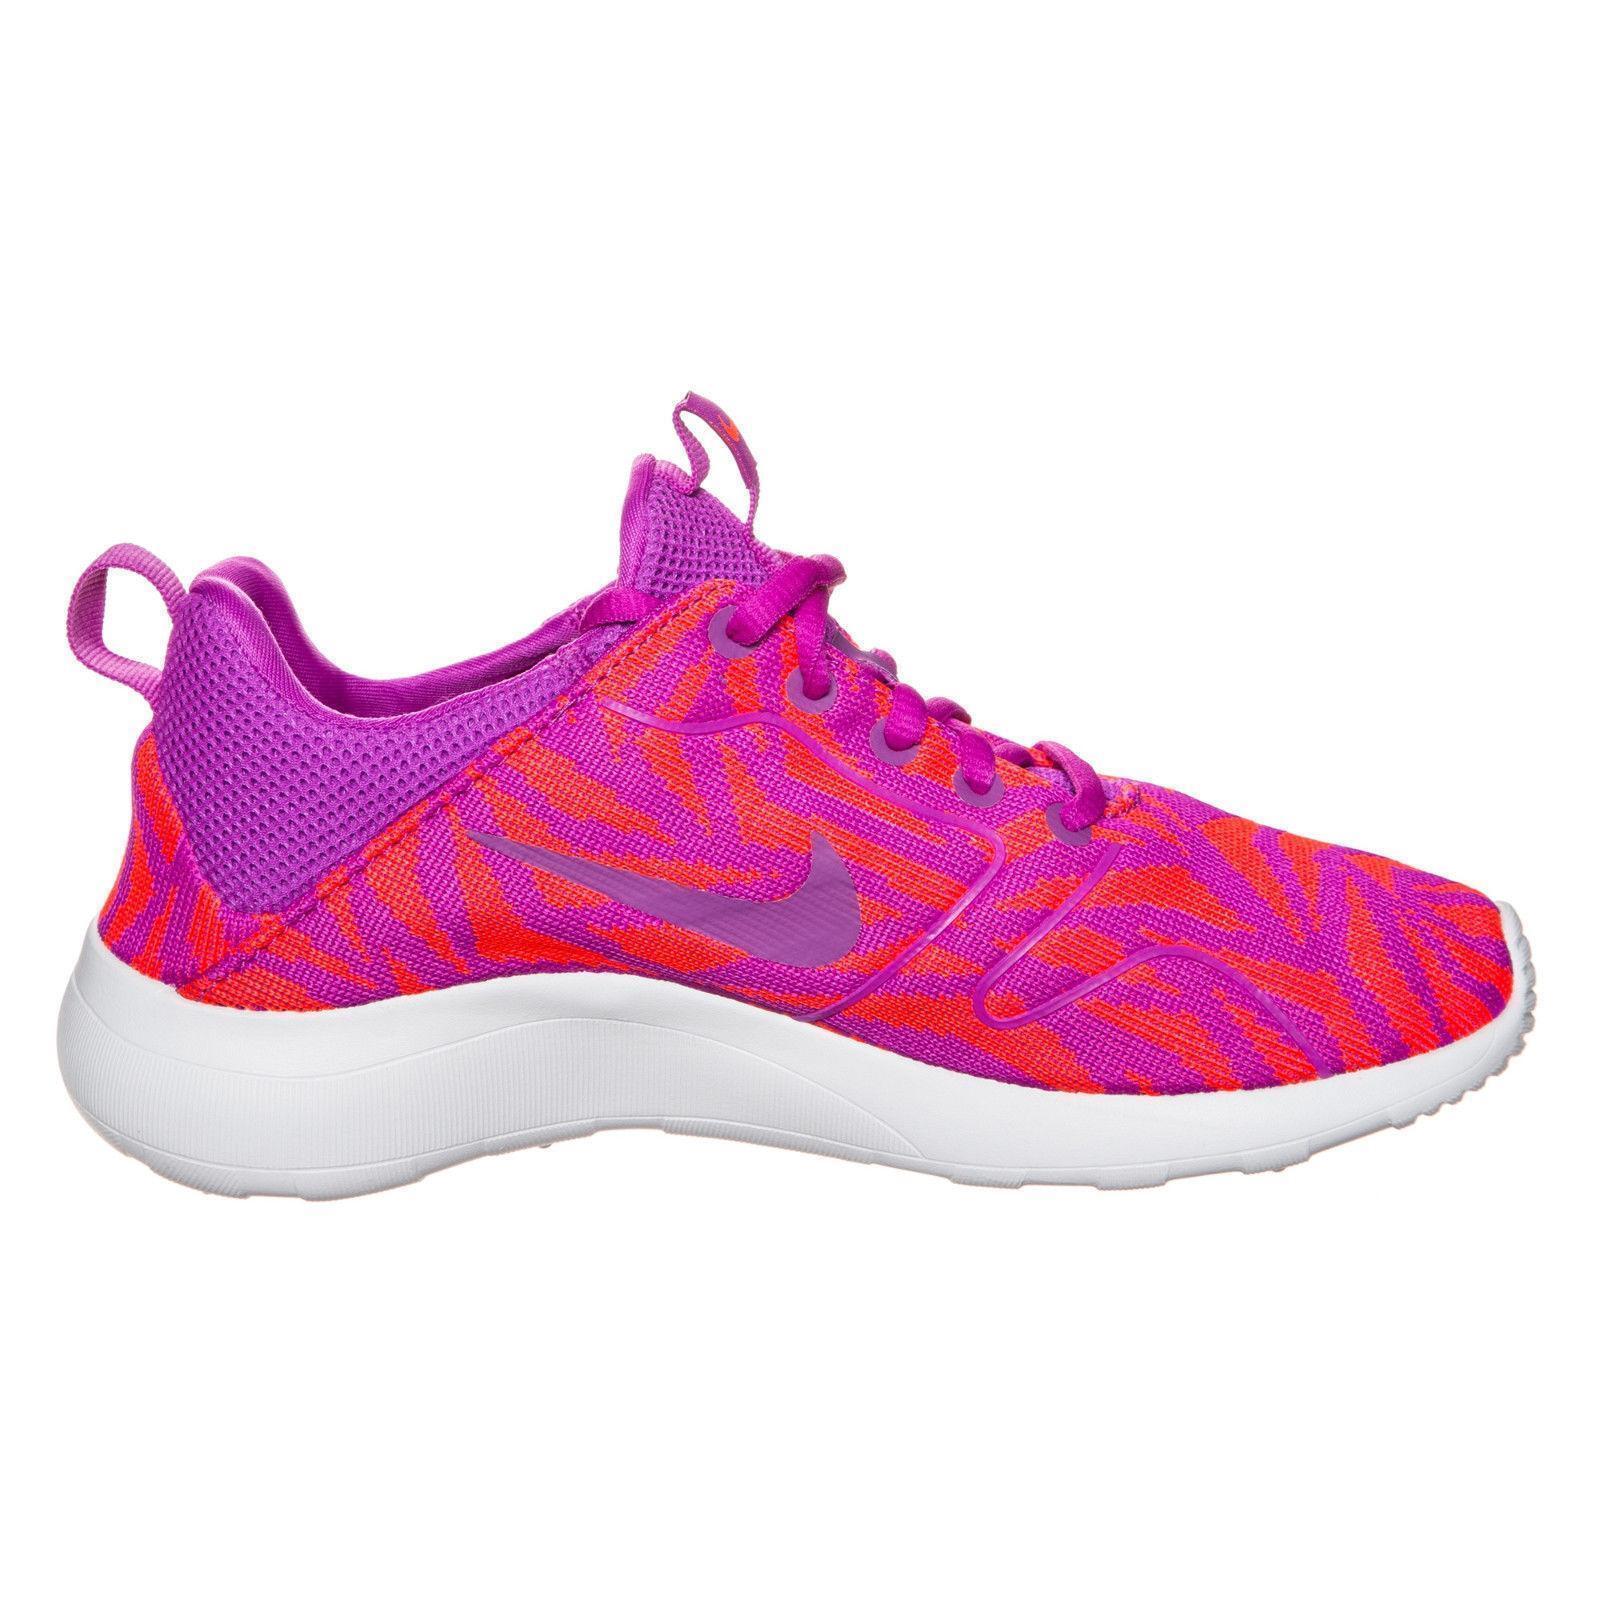 Zapatos promocionales para hombres y mujeres NIKE MUJER Kaishi 2.0 Kjcrd estampado Zapatillas running 833660 558